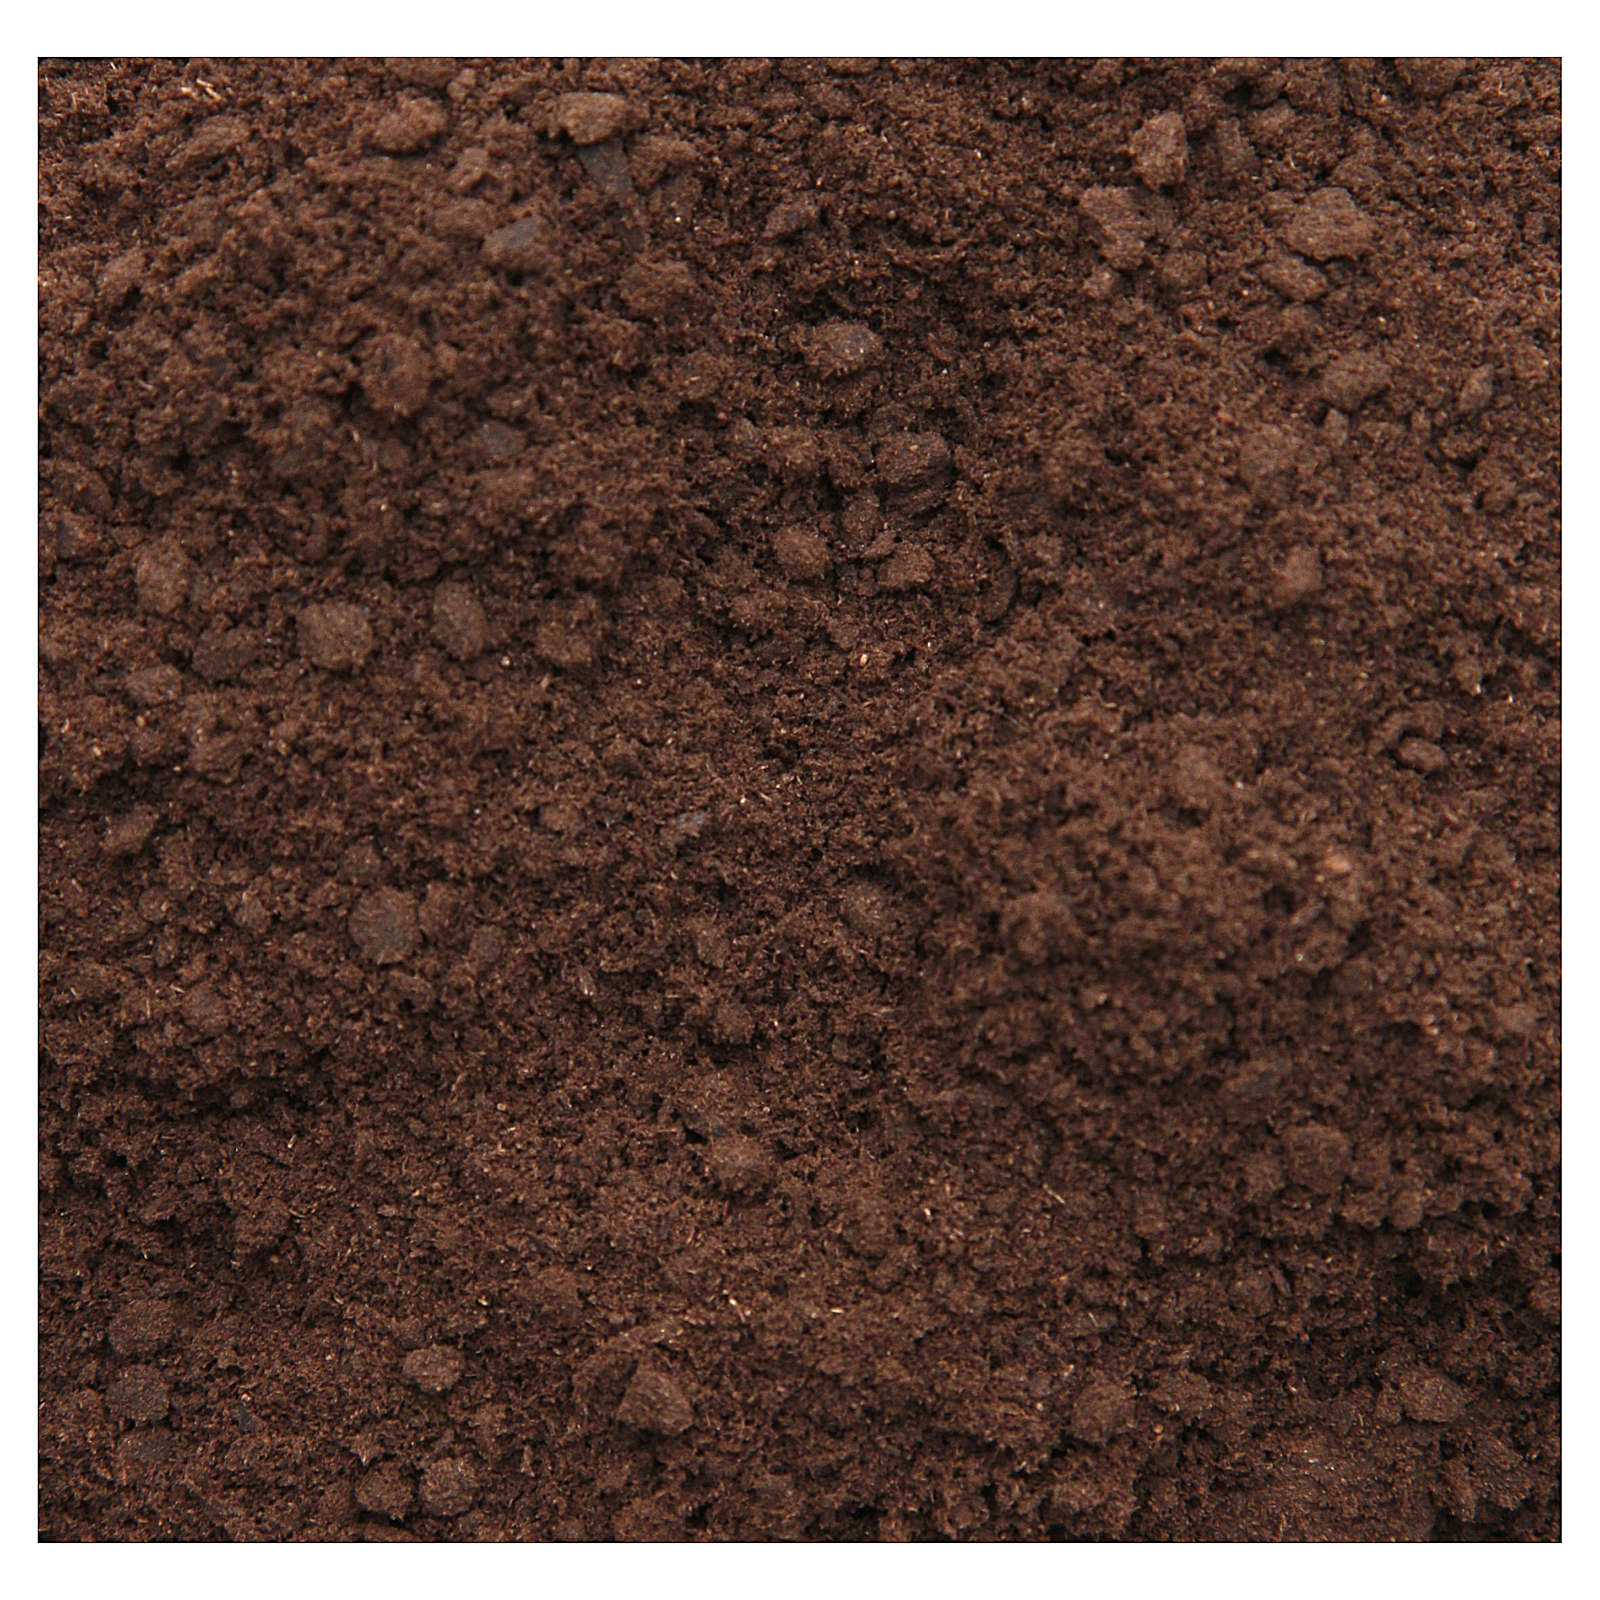 Kadzidło Byzantino zapachowe w pyłku 200 g 3